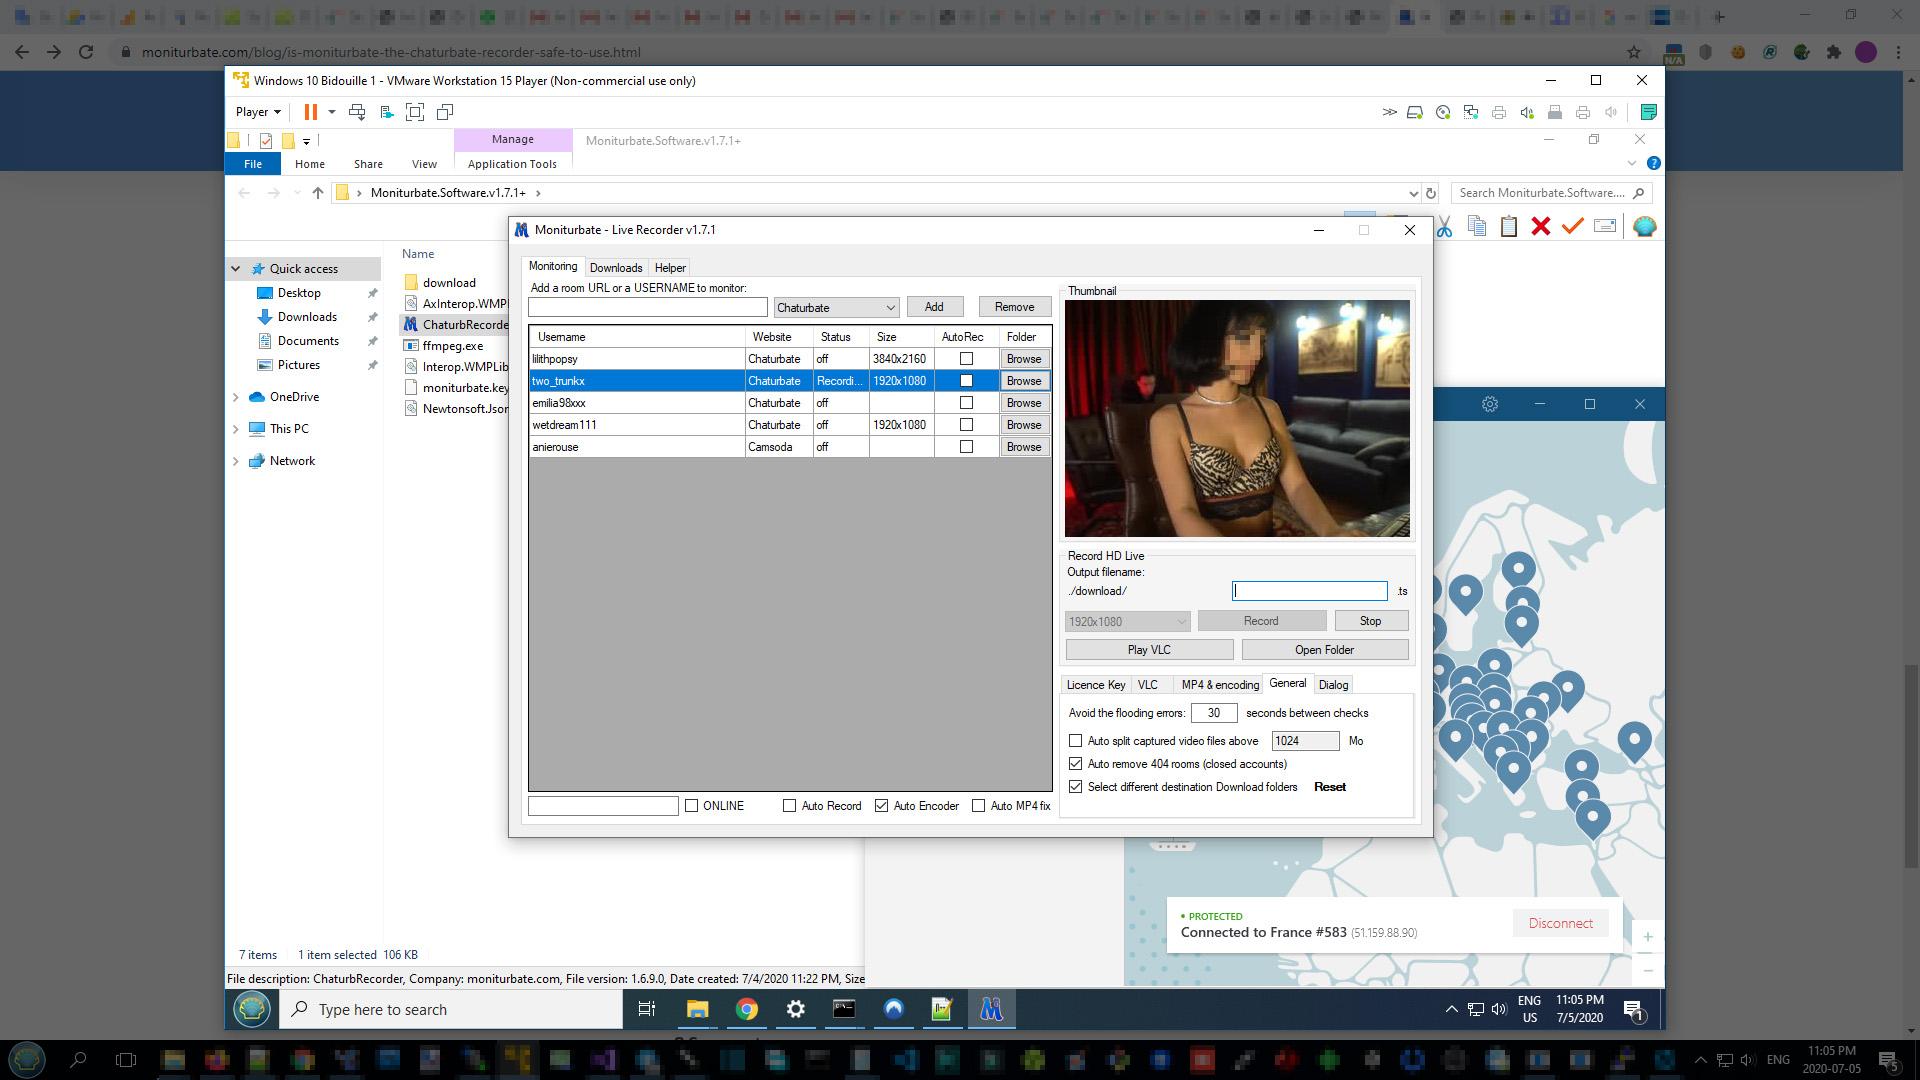 moniturbate in a virtual environment